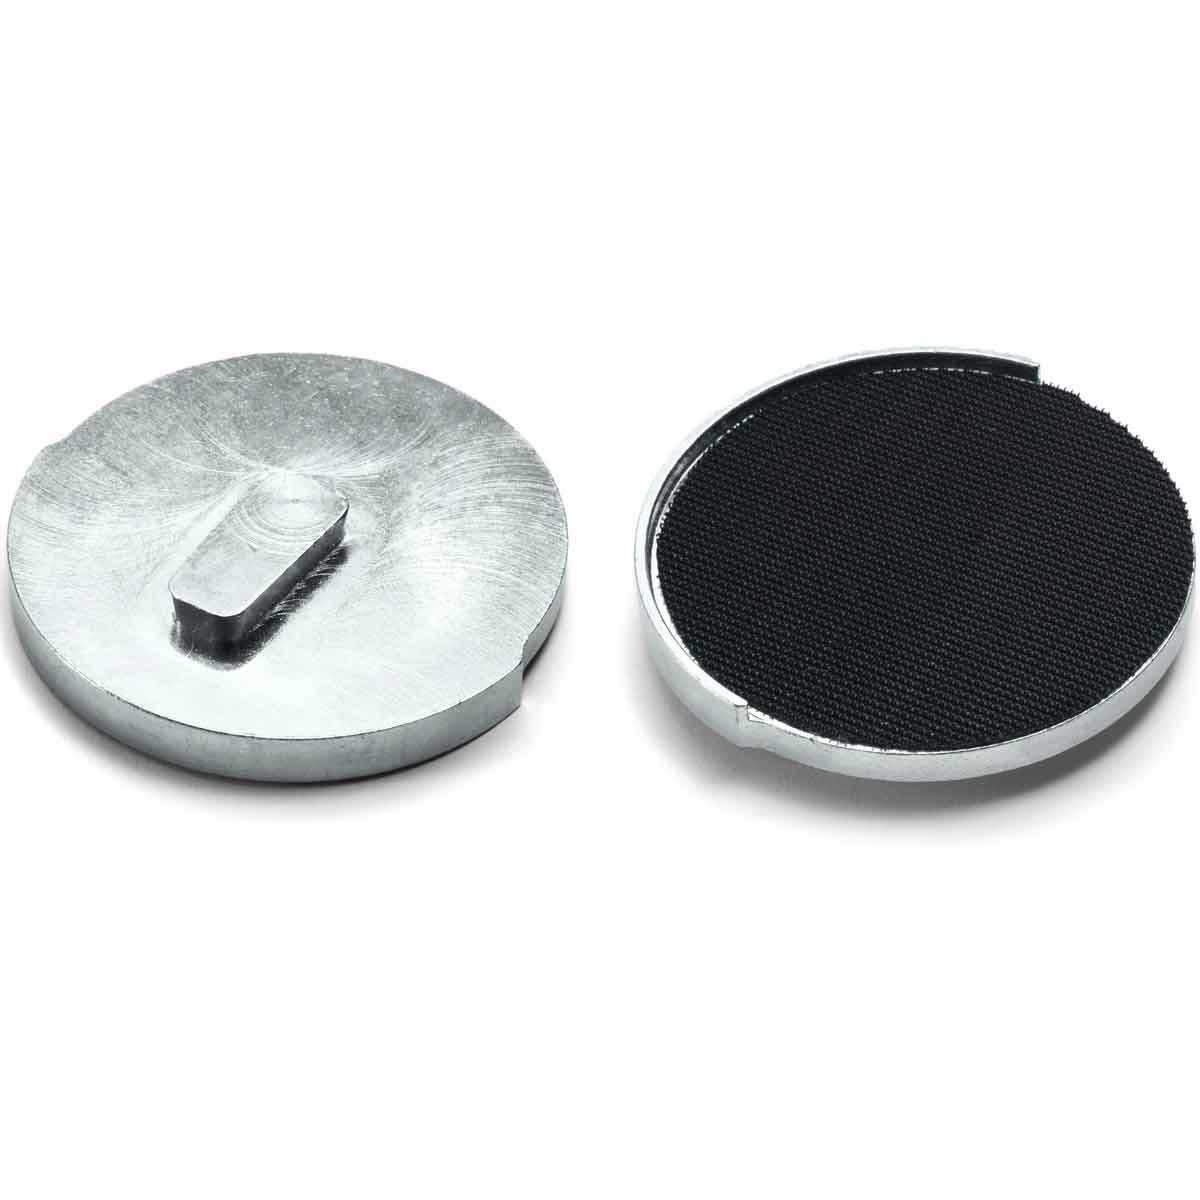 Husqvarna PG400 resin disc holder